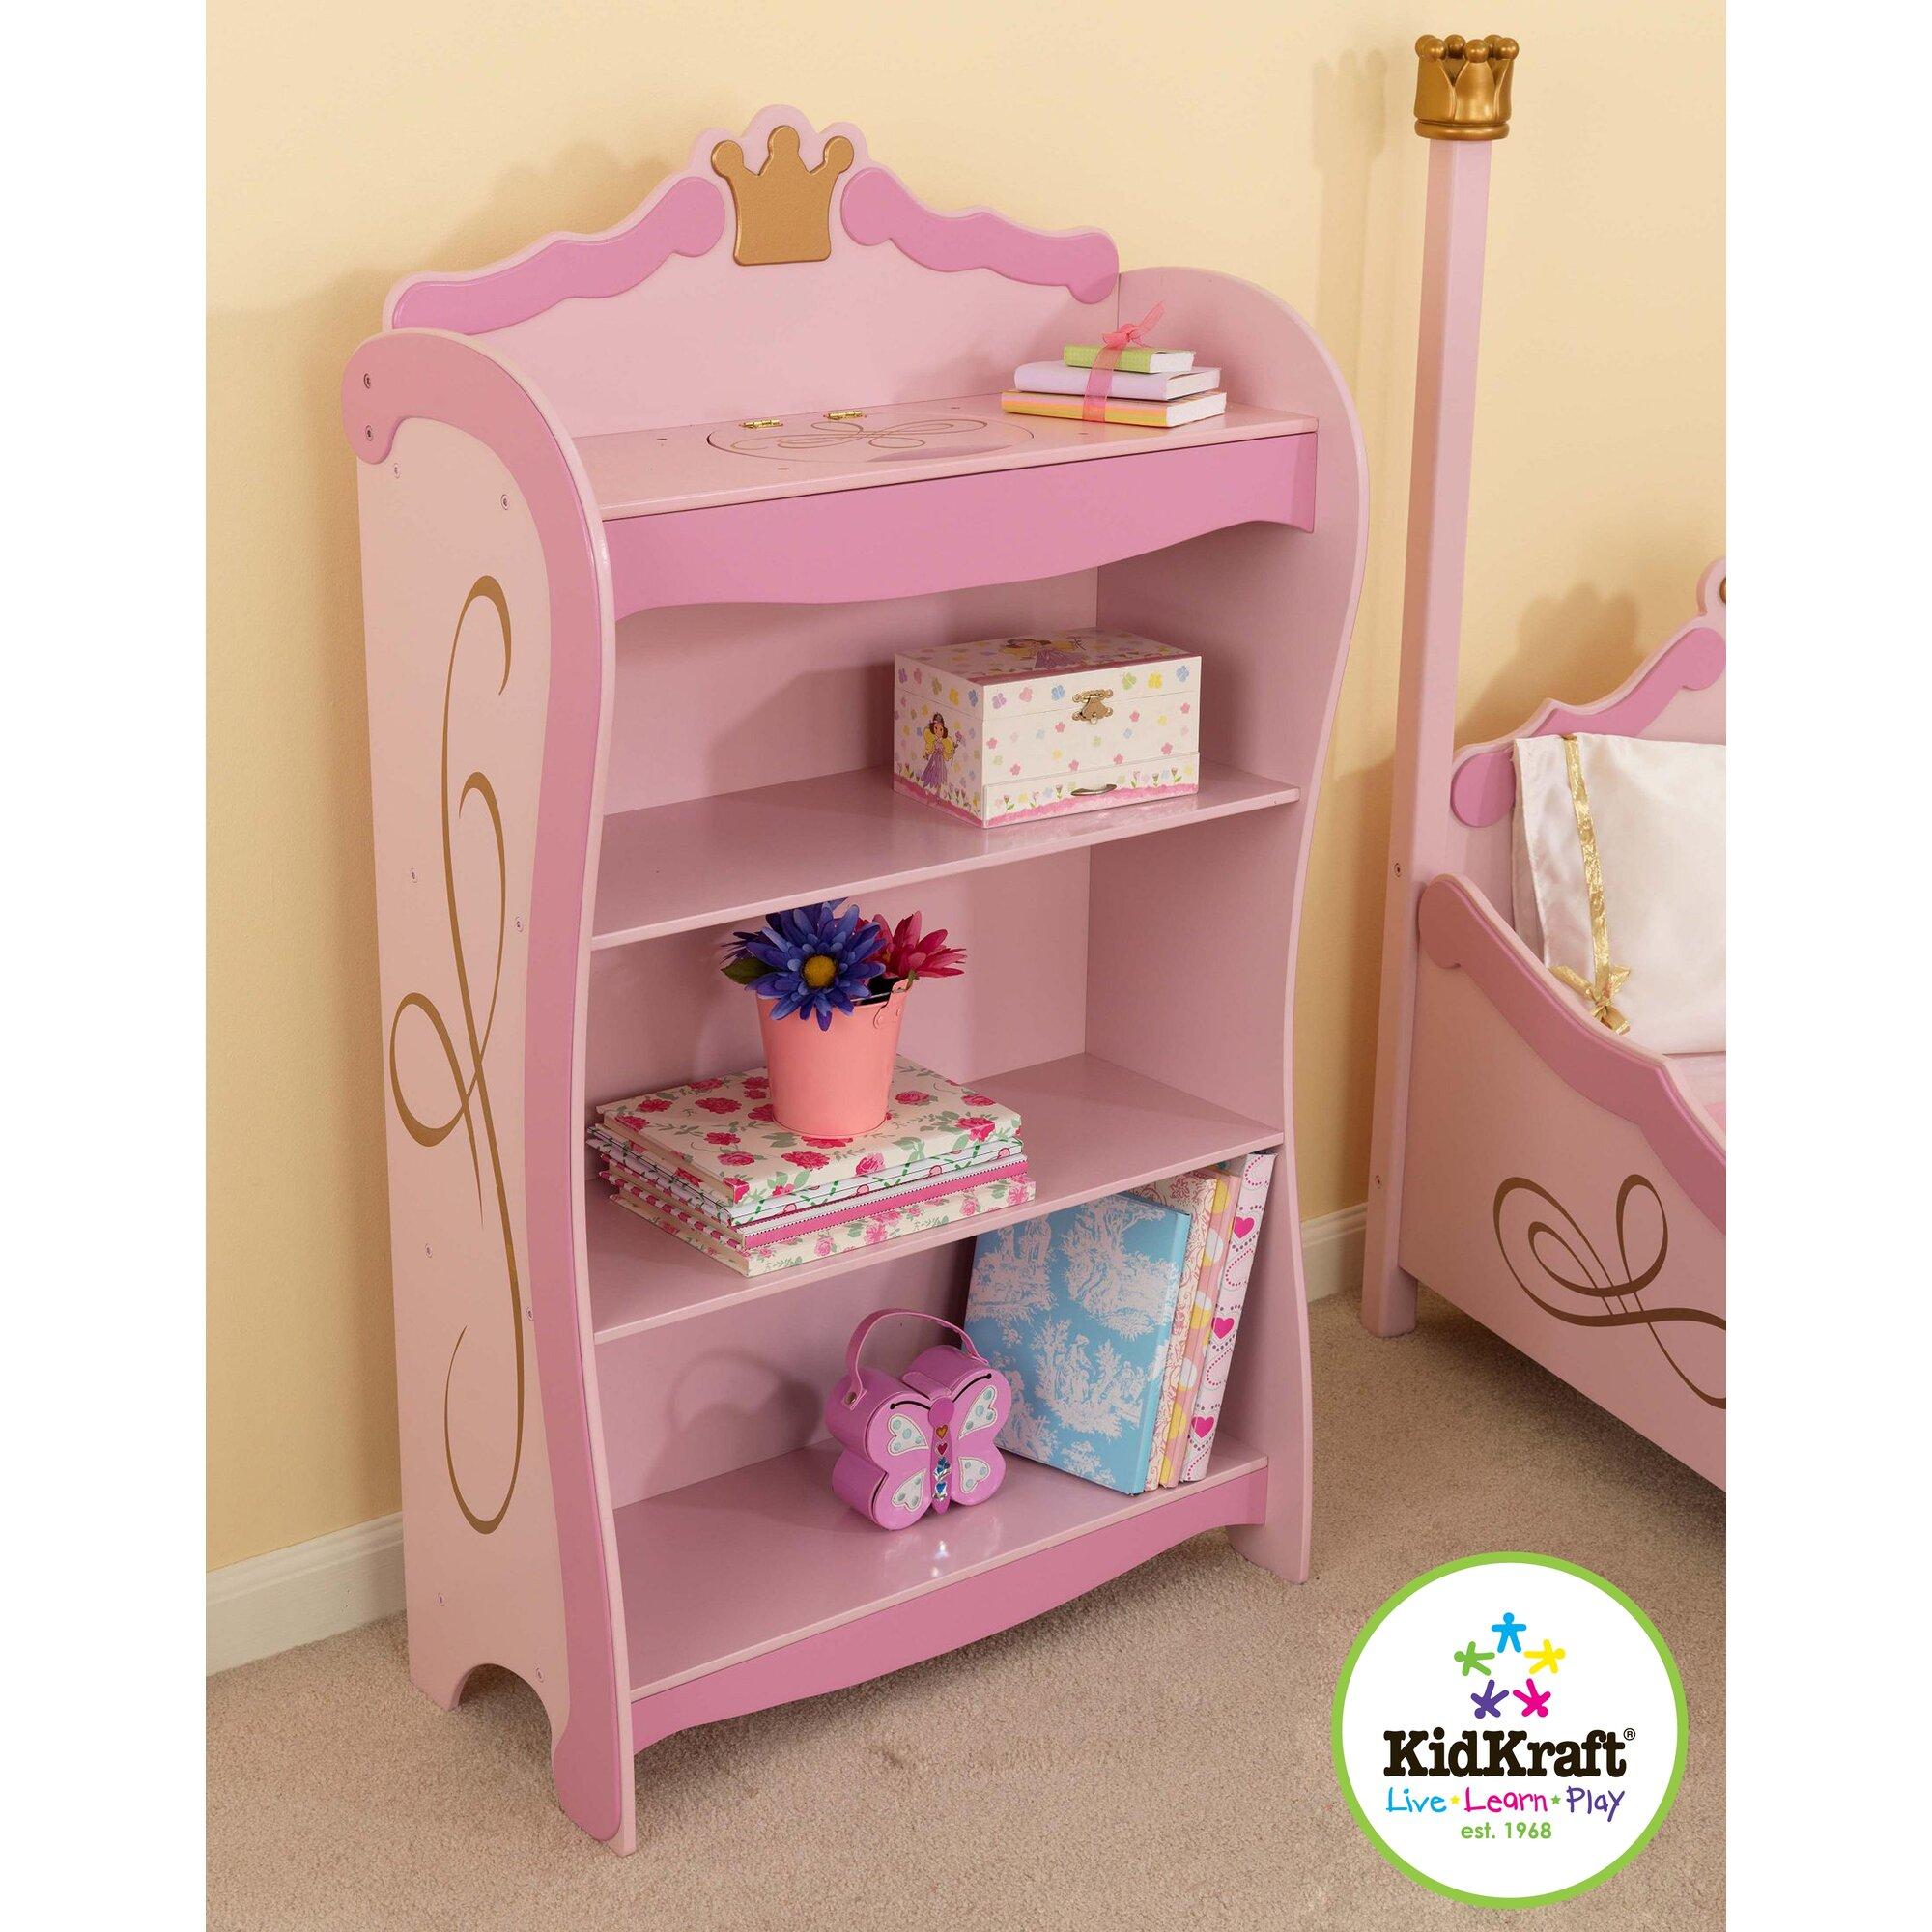 KidKraft Princess Toddler Four Poster Customizable Bedroom